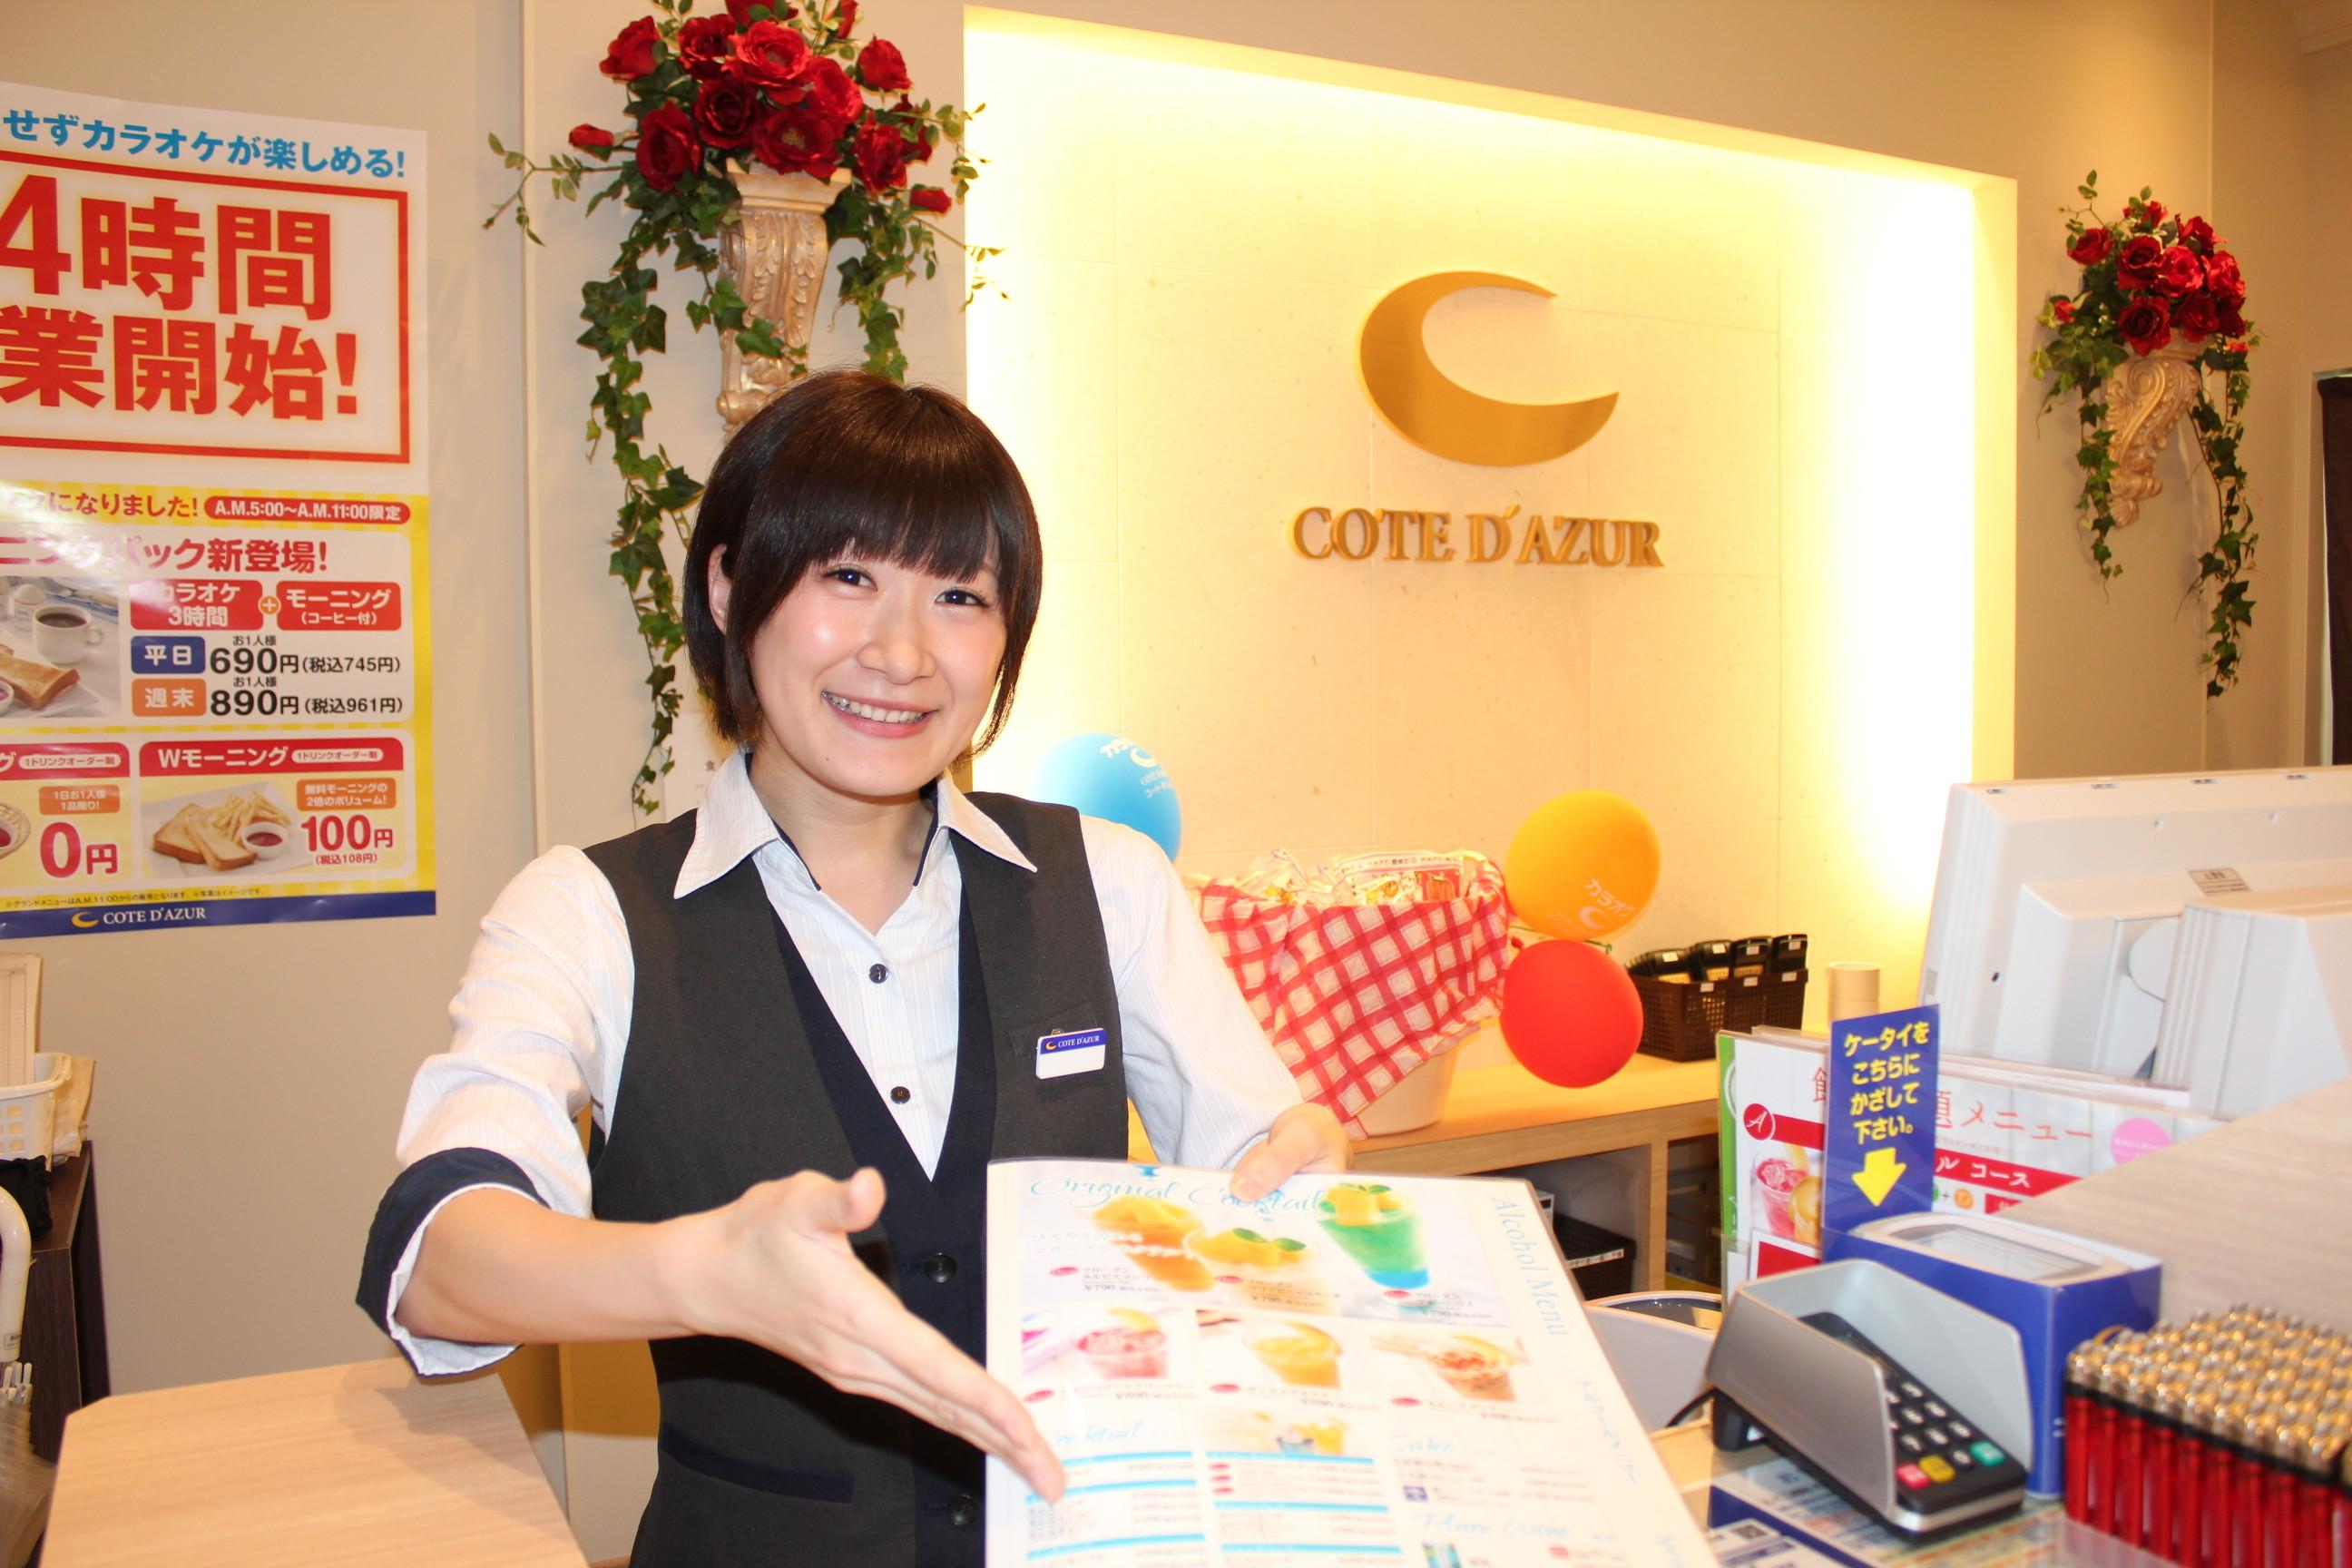 コート・ダジュール 鯖江店 のアルバイト情報